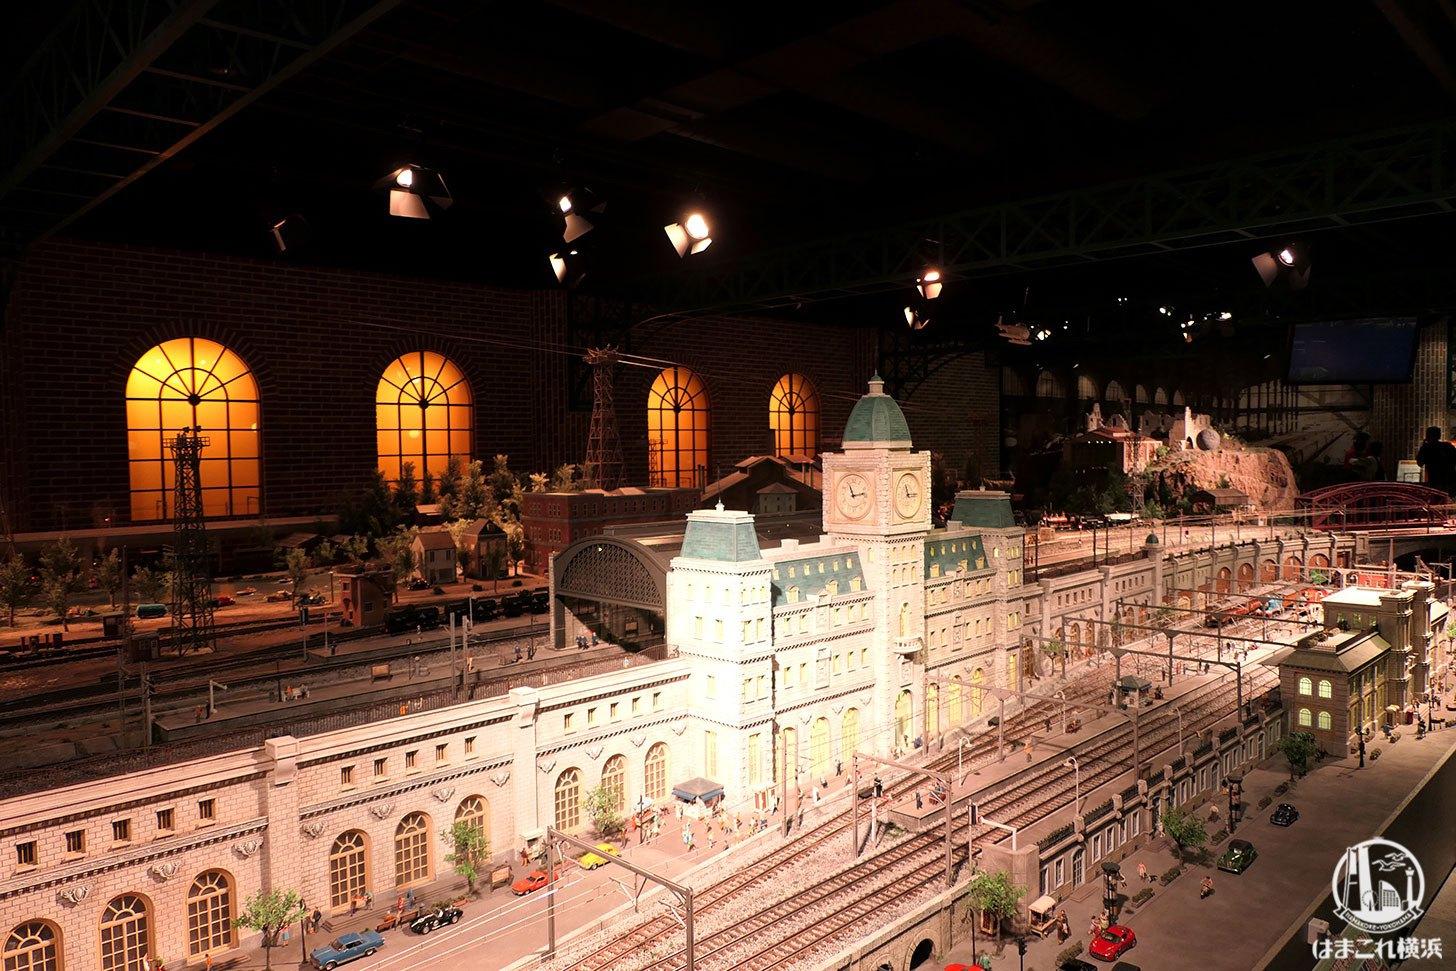 原鉄道模型博物館が2021年10月14日に営業再開!入館は事前予約制